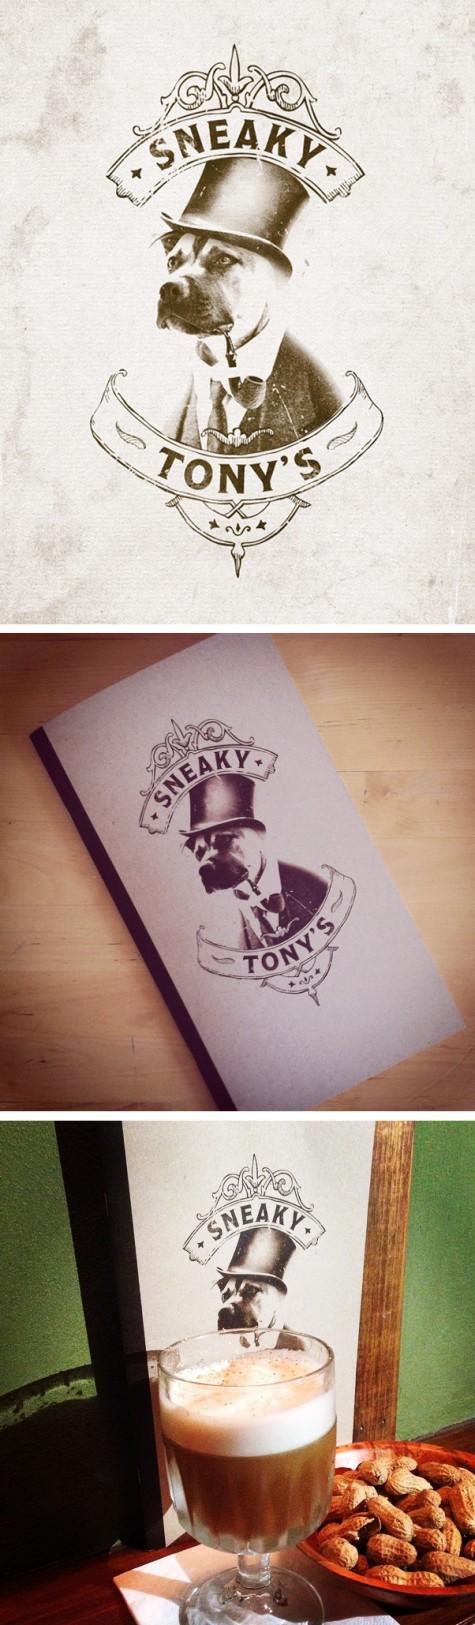 Sneaky Tony's branding